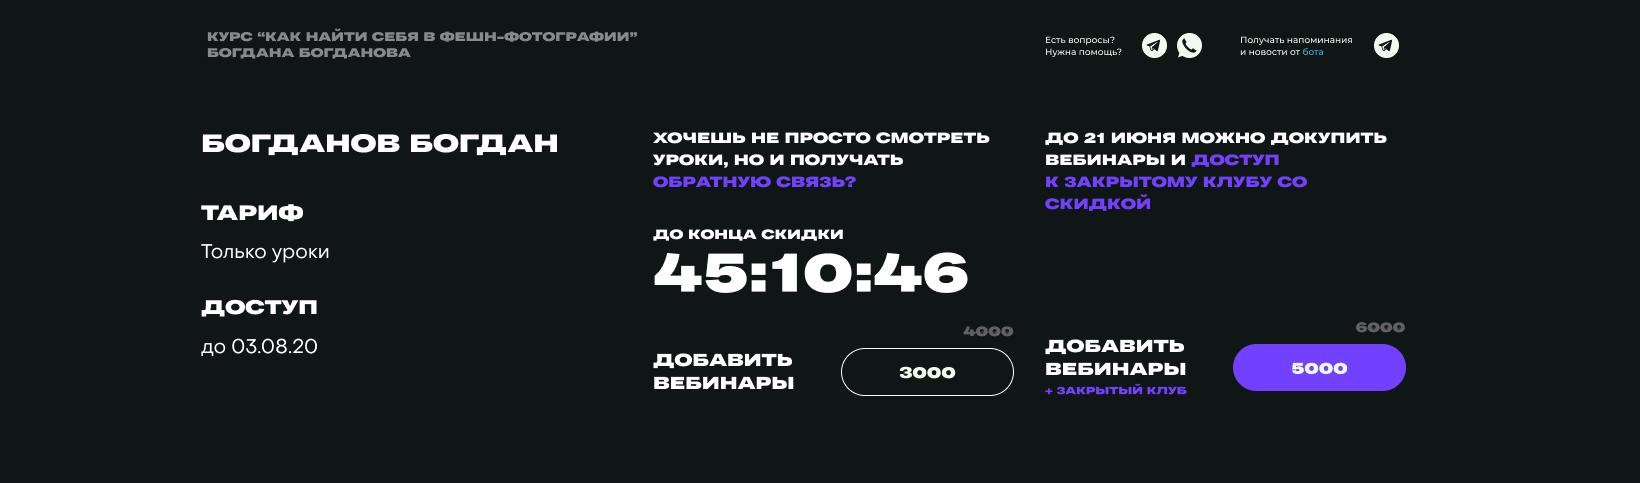 Дизайн личного кабинета для курса Богдана Богданова 5